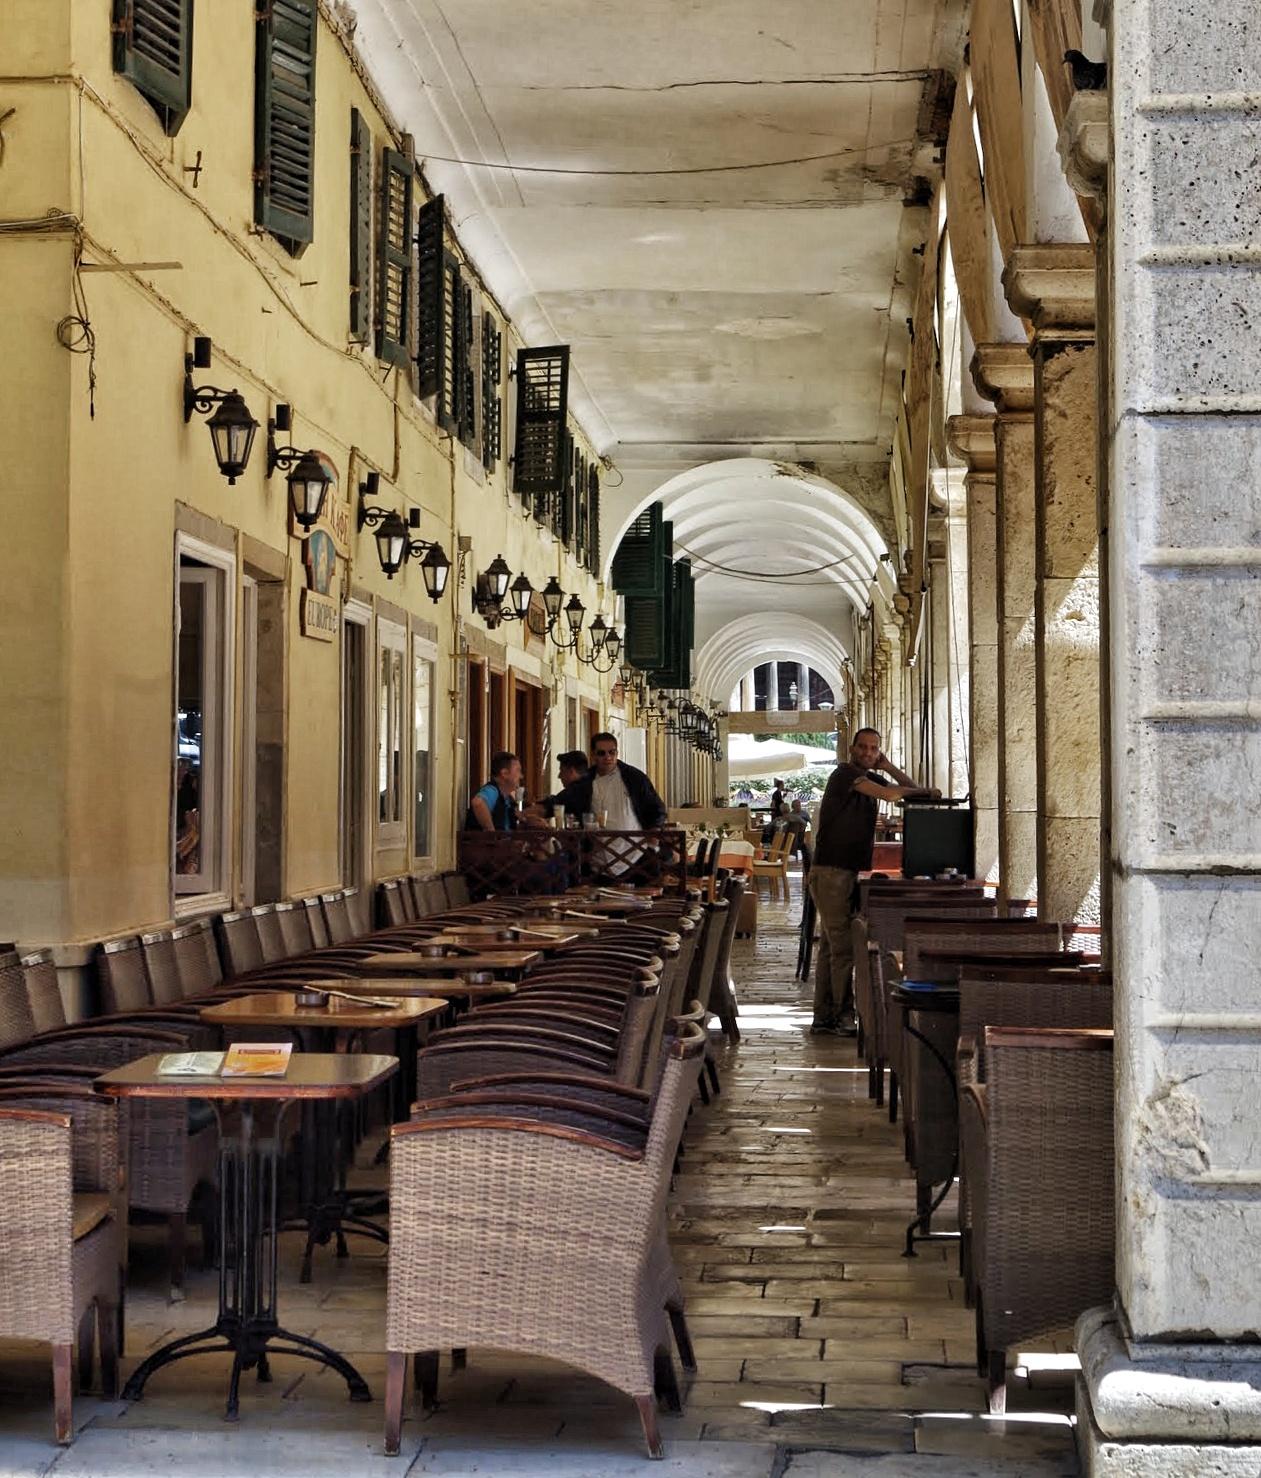 Lokal unter den Arkaden auf Korfu